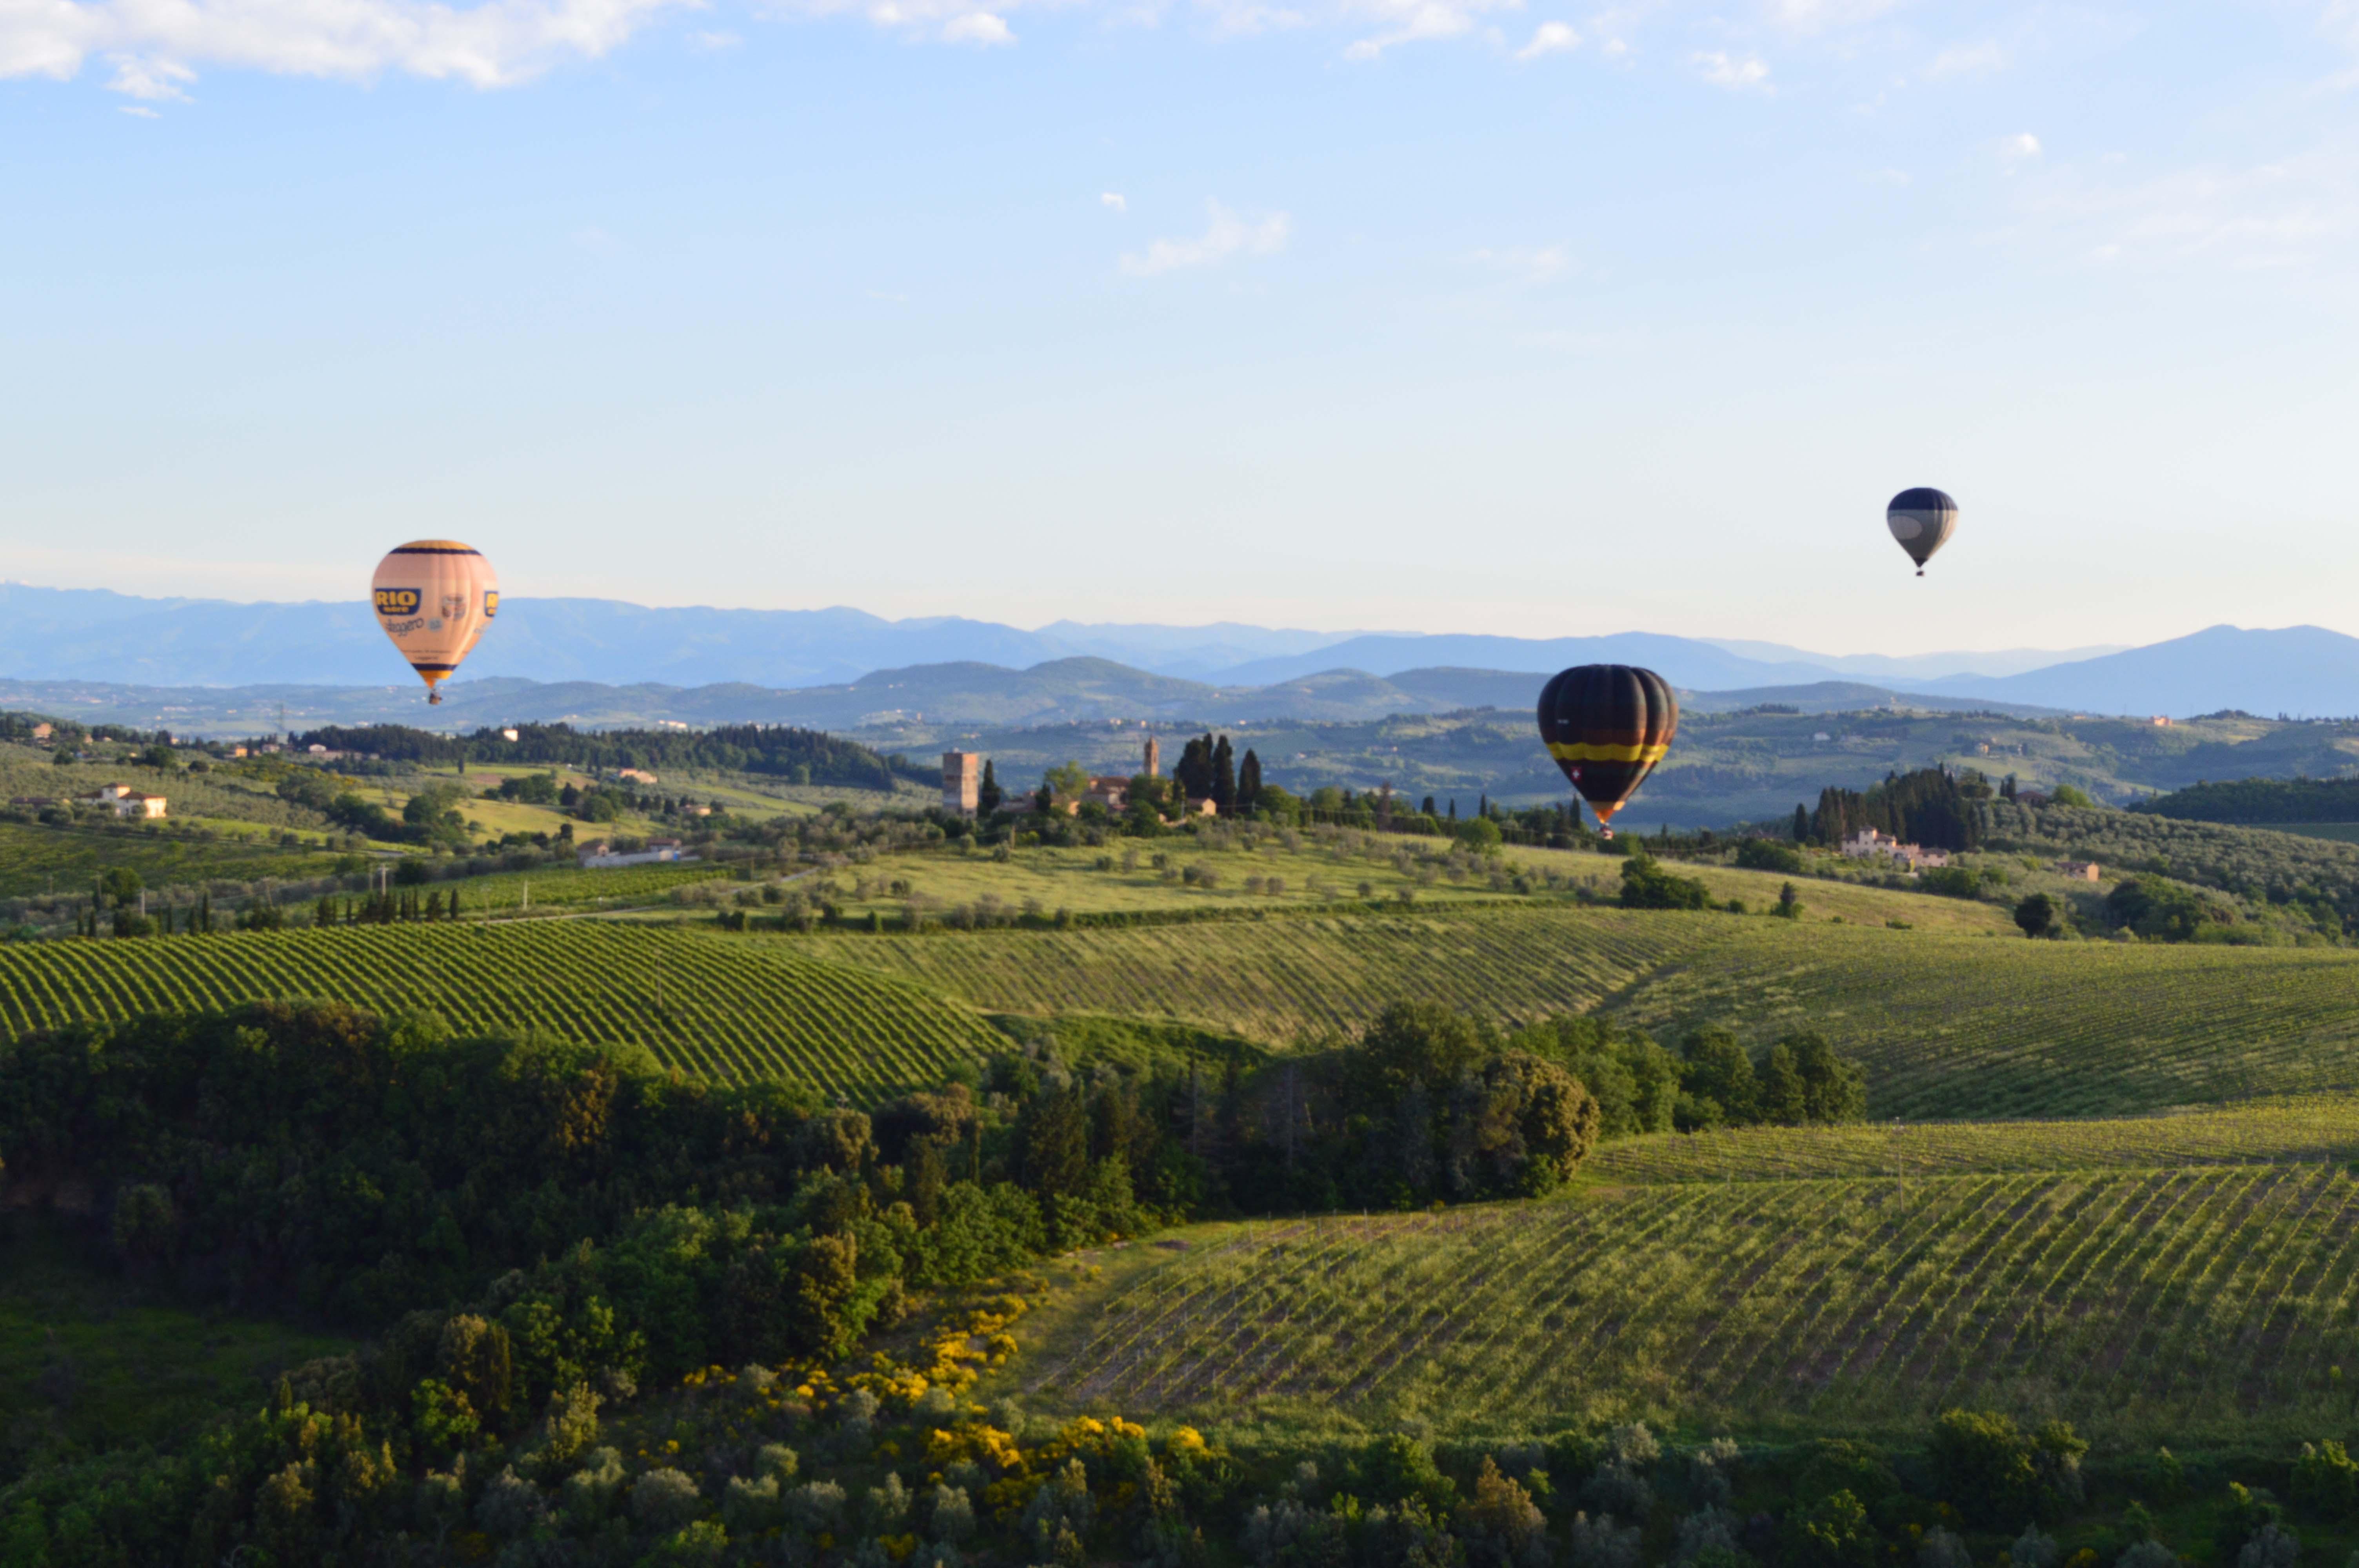 The Breakfast Balloon Flight